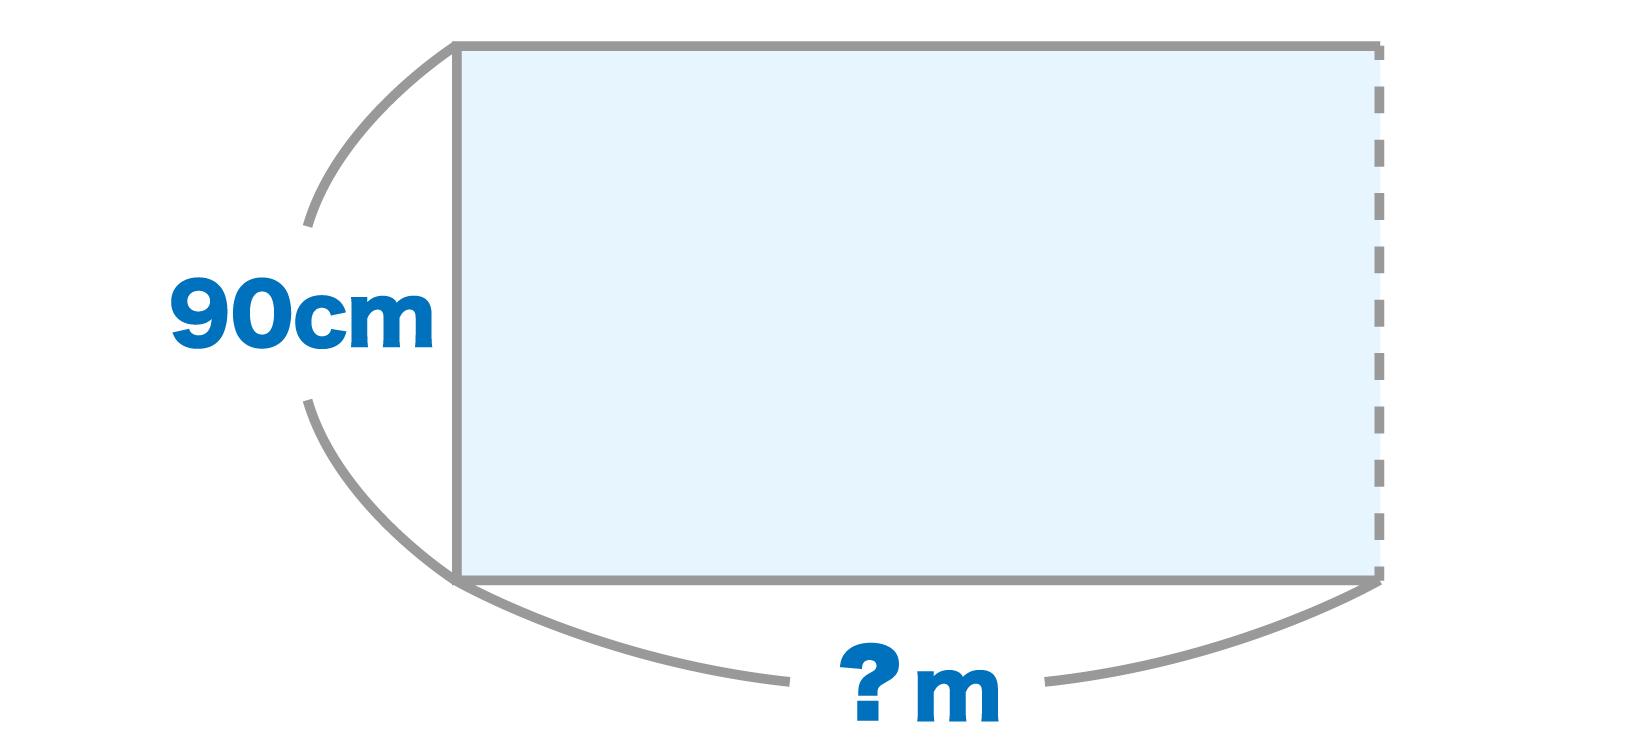 メートル単価は幅90センチのクロスが何メートル使われるかで値段が変わる